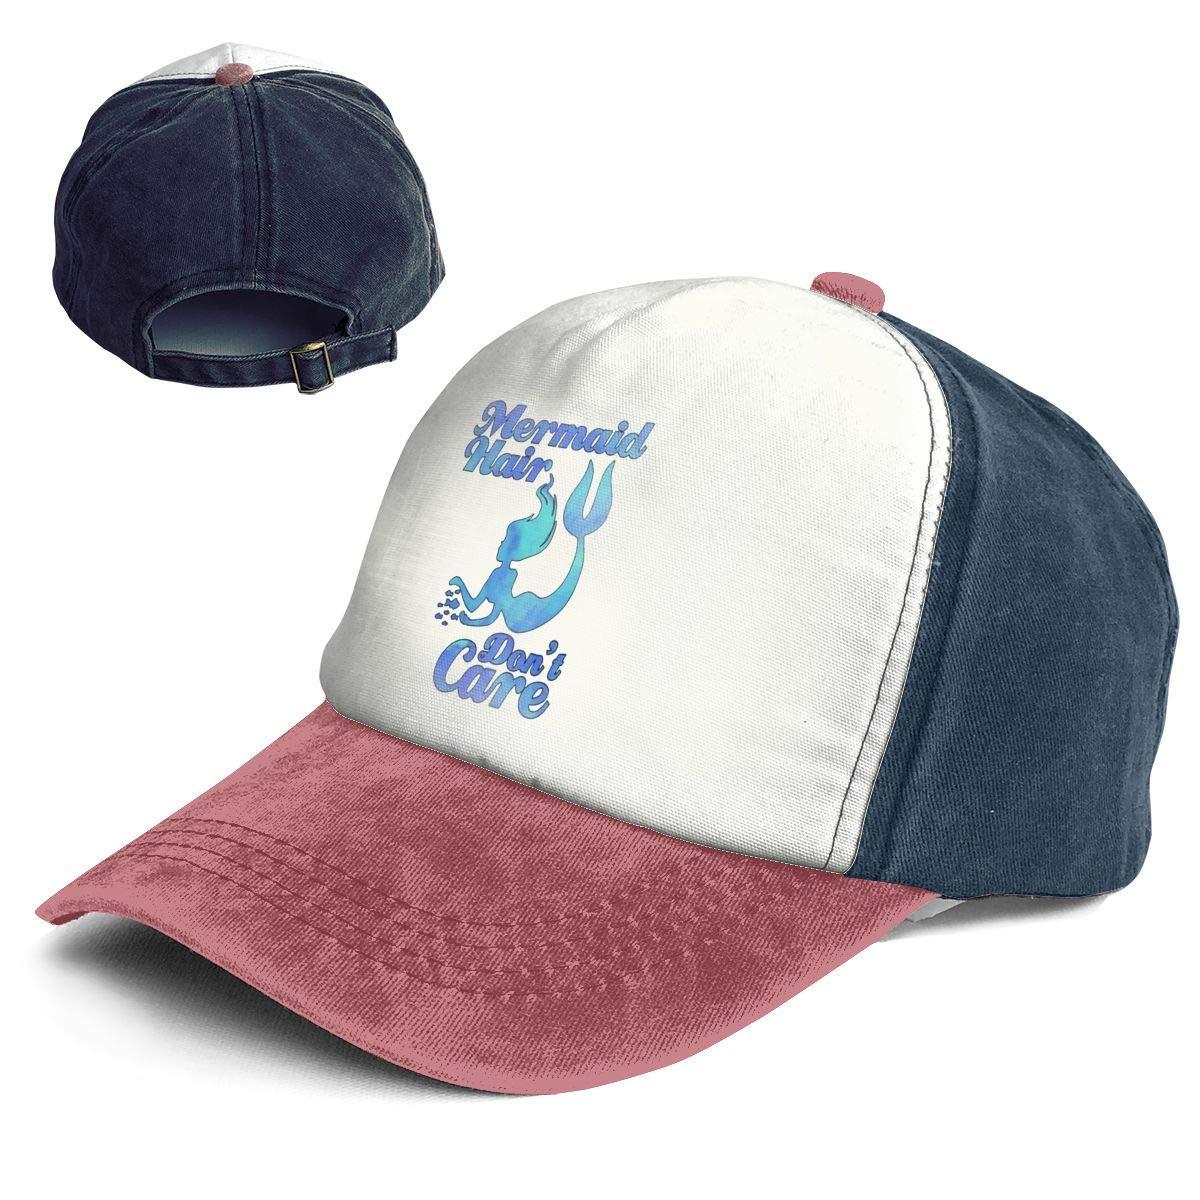 Mermaid Hair Don't Care Vintage Baseball Cap for Women Men Adjustable Trucker Sun Visor Cap